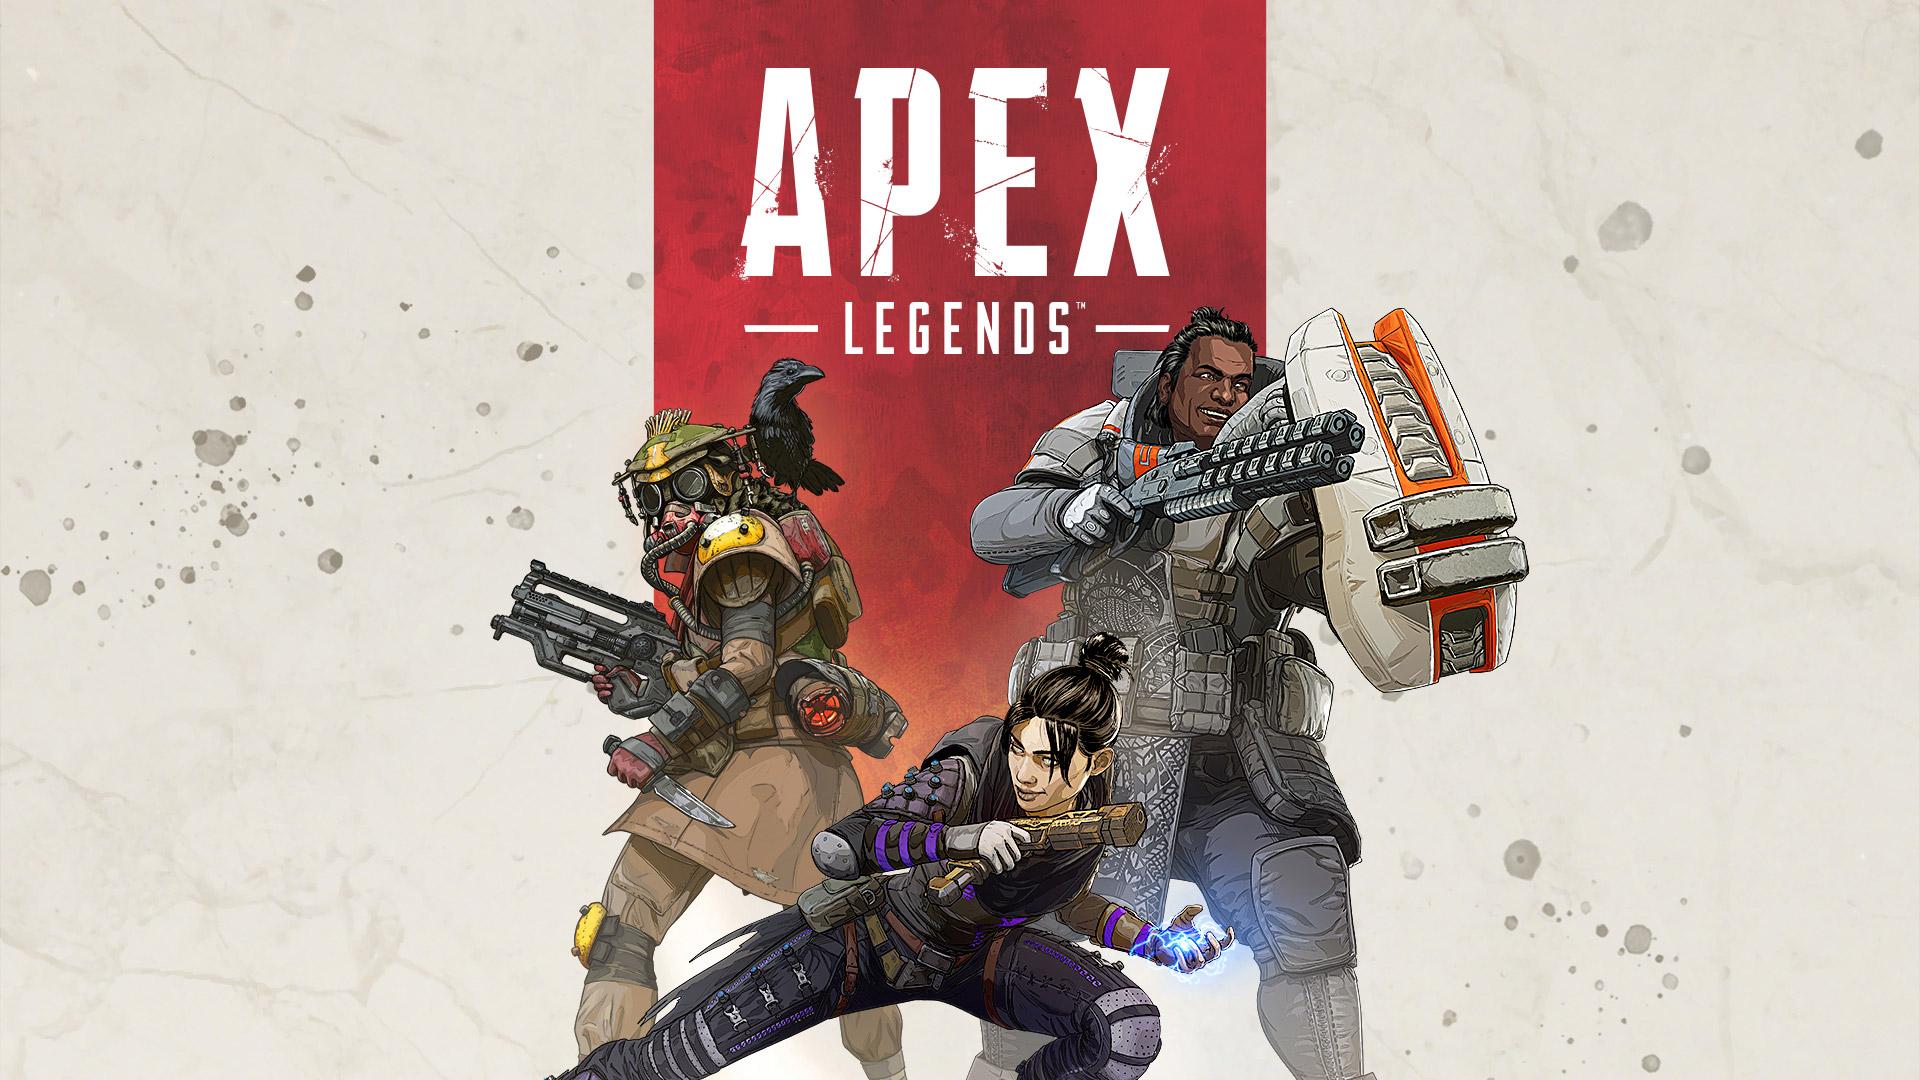 Apex Legends Wallpaper in 1920x1080